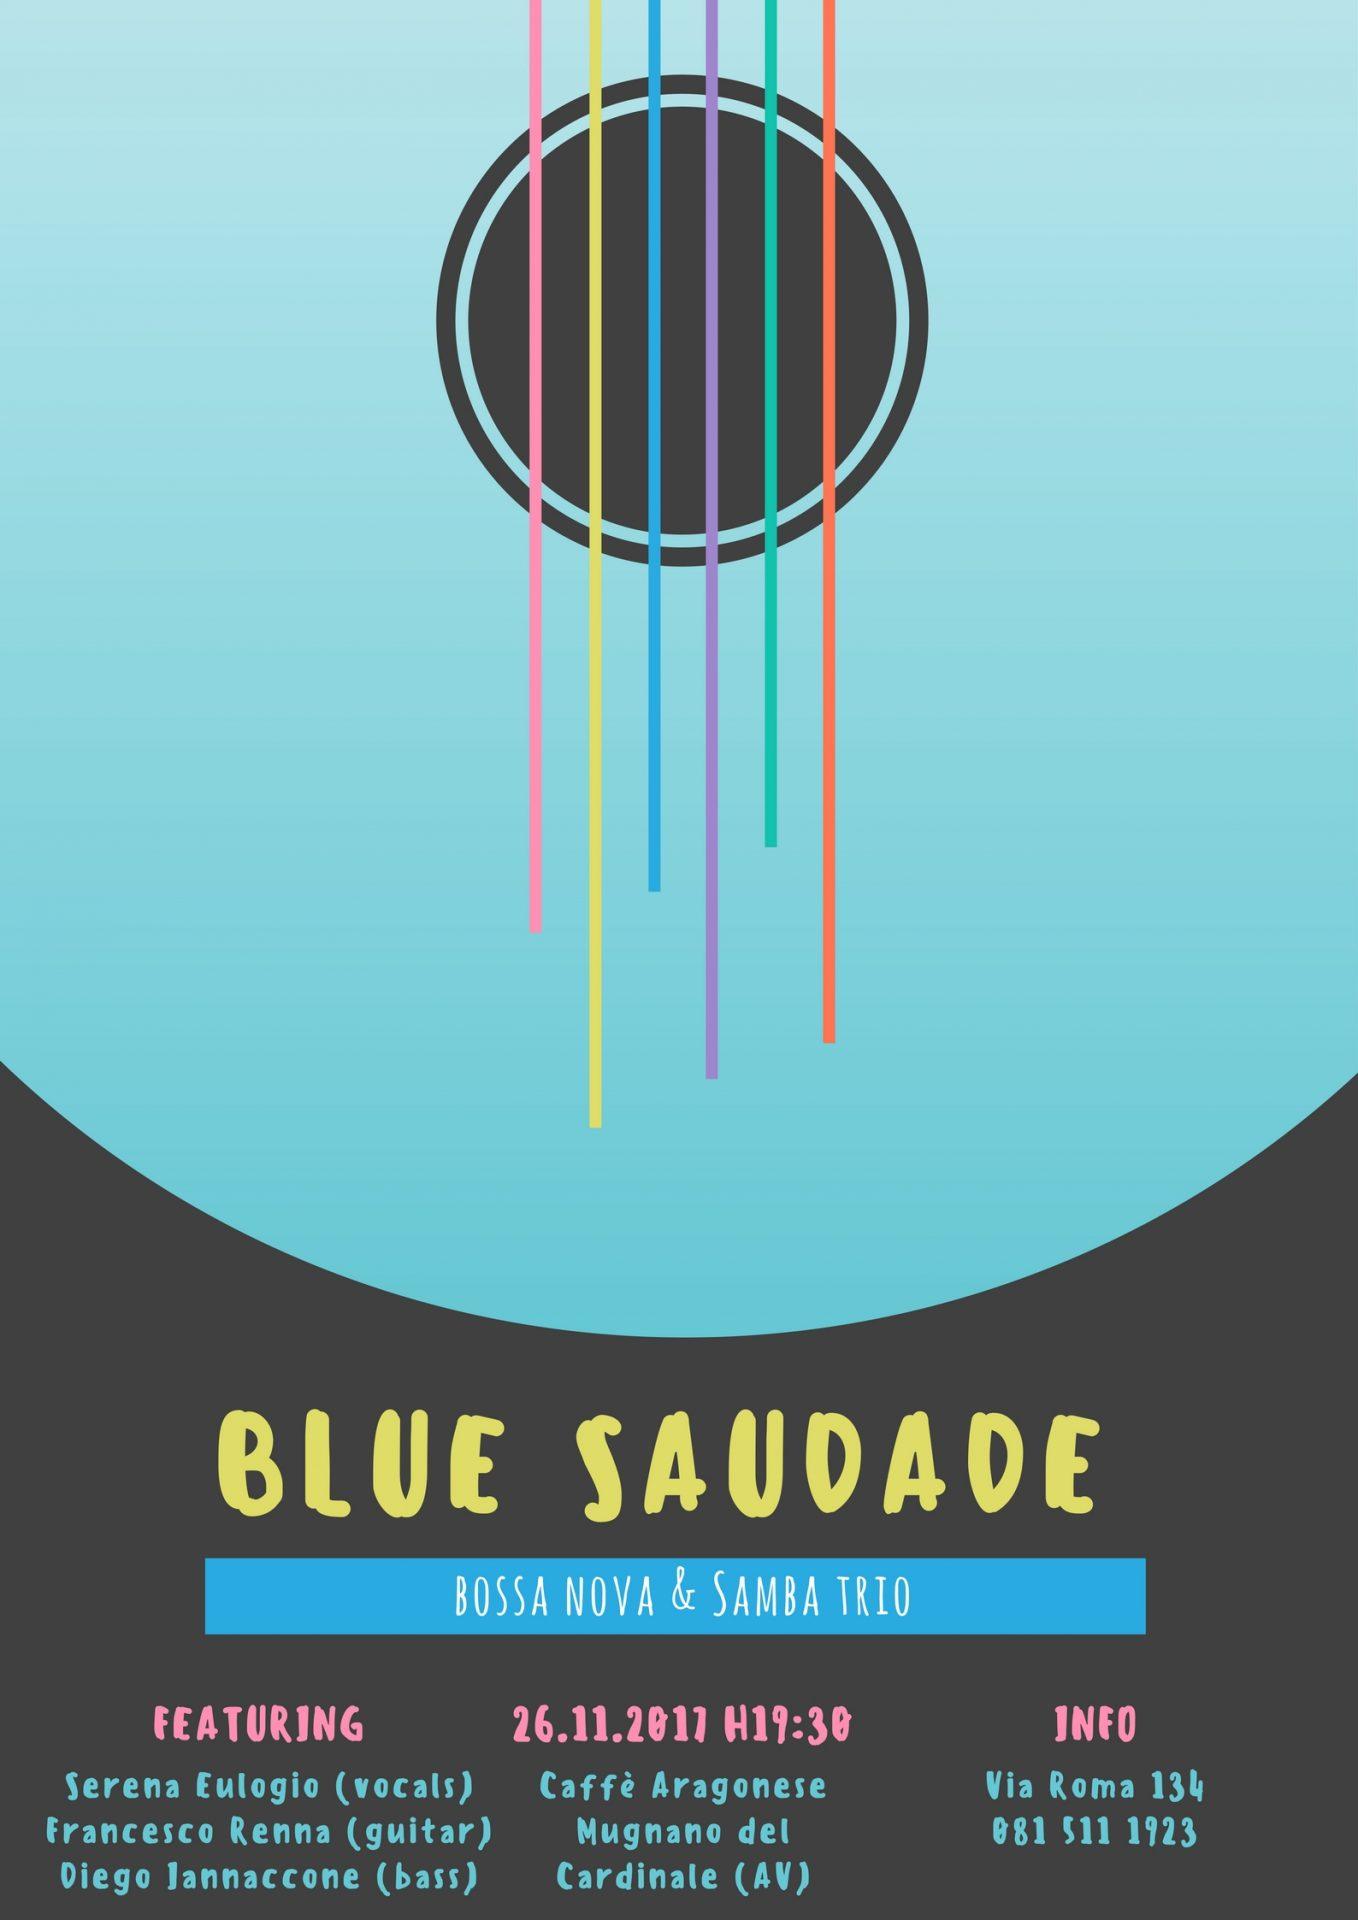 Blue Saudade - Caffè Aragonese